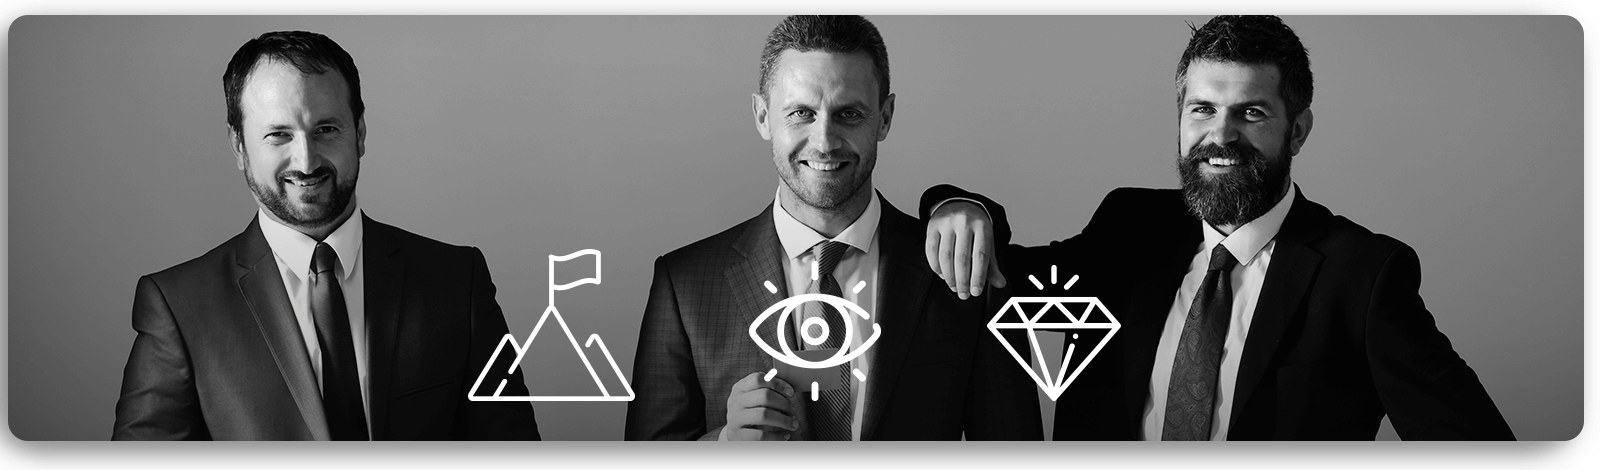 Mision vision y valores-1